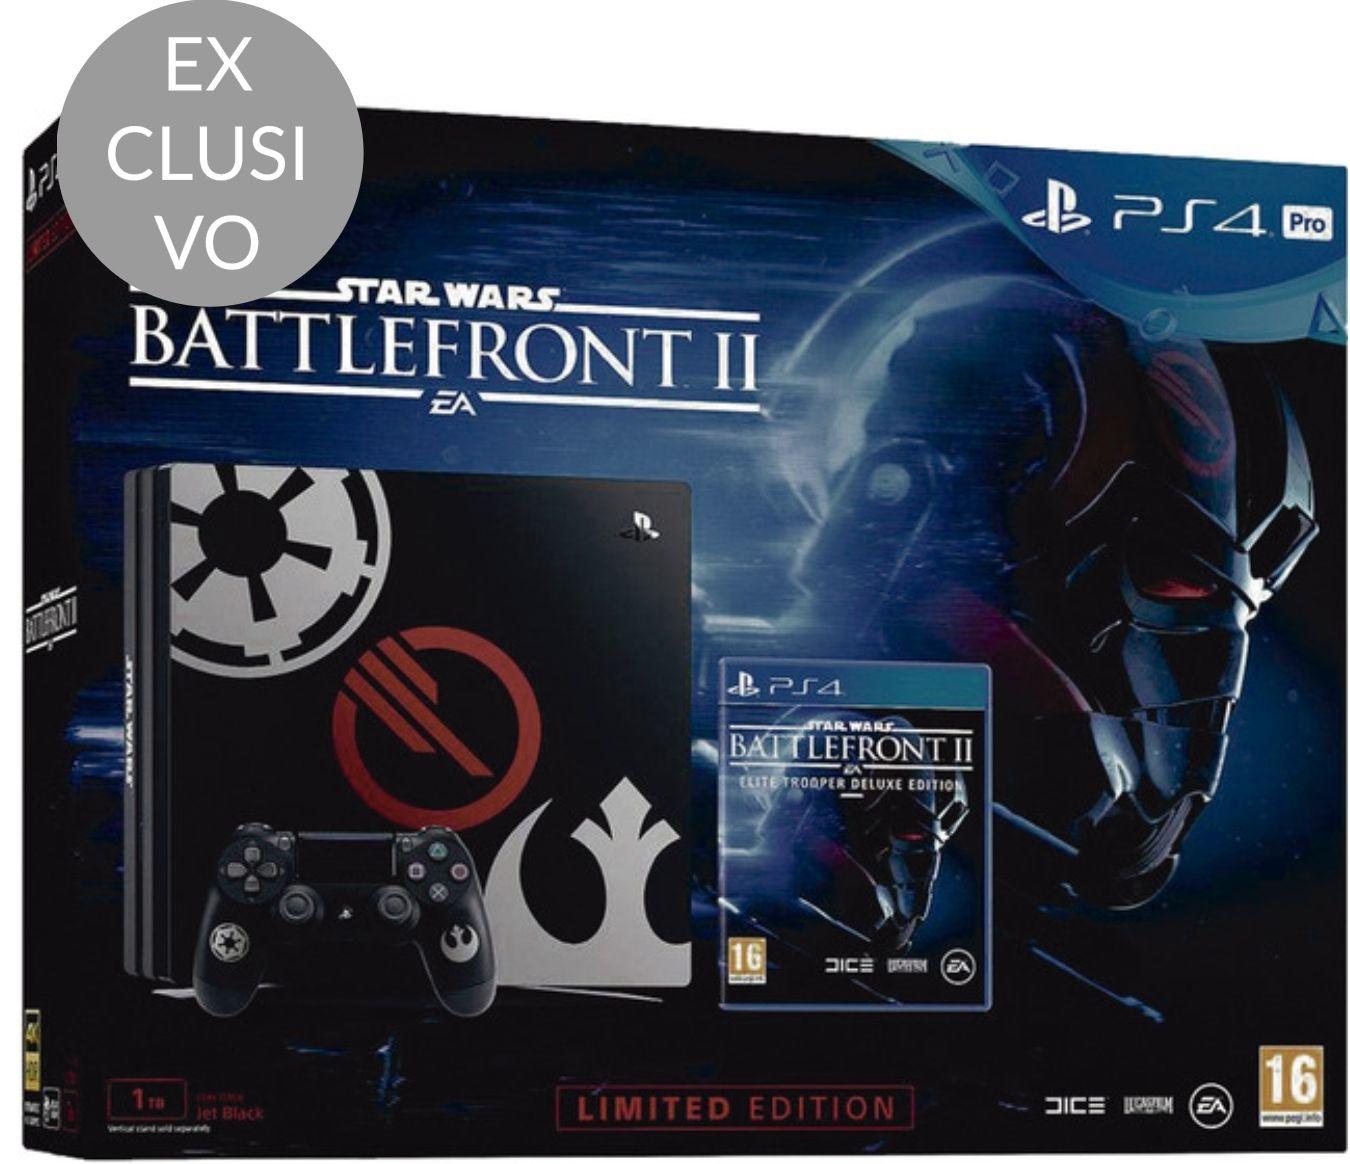 Consola PS4 Pro de 1 TB Edición Star Wars Battlefront II + Juego Star Wars Battlefront II Edición Deluxe